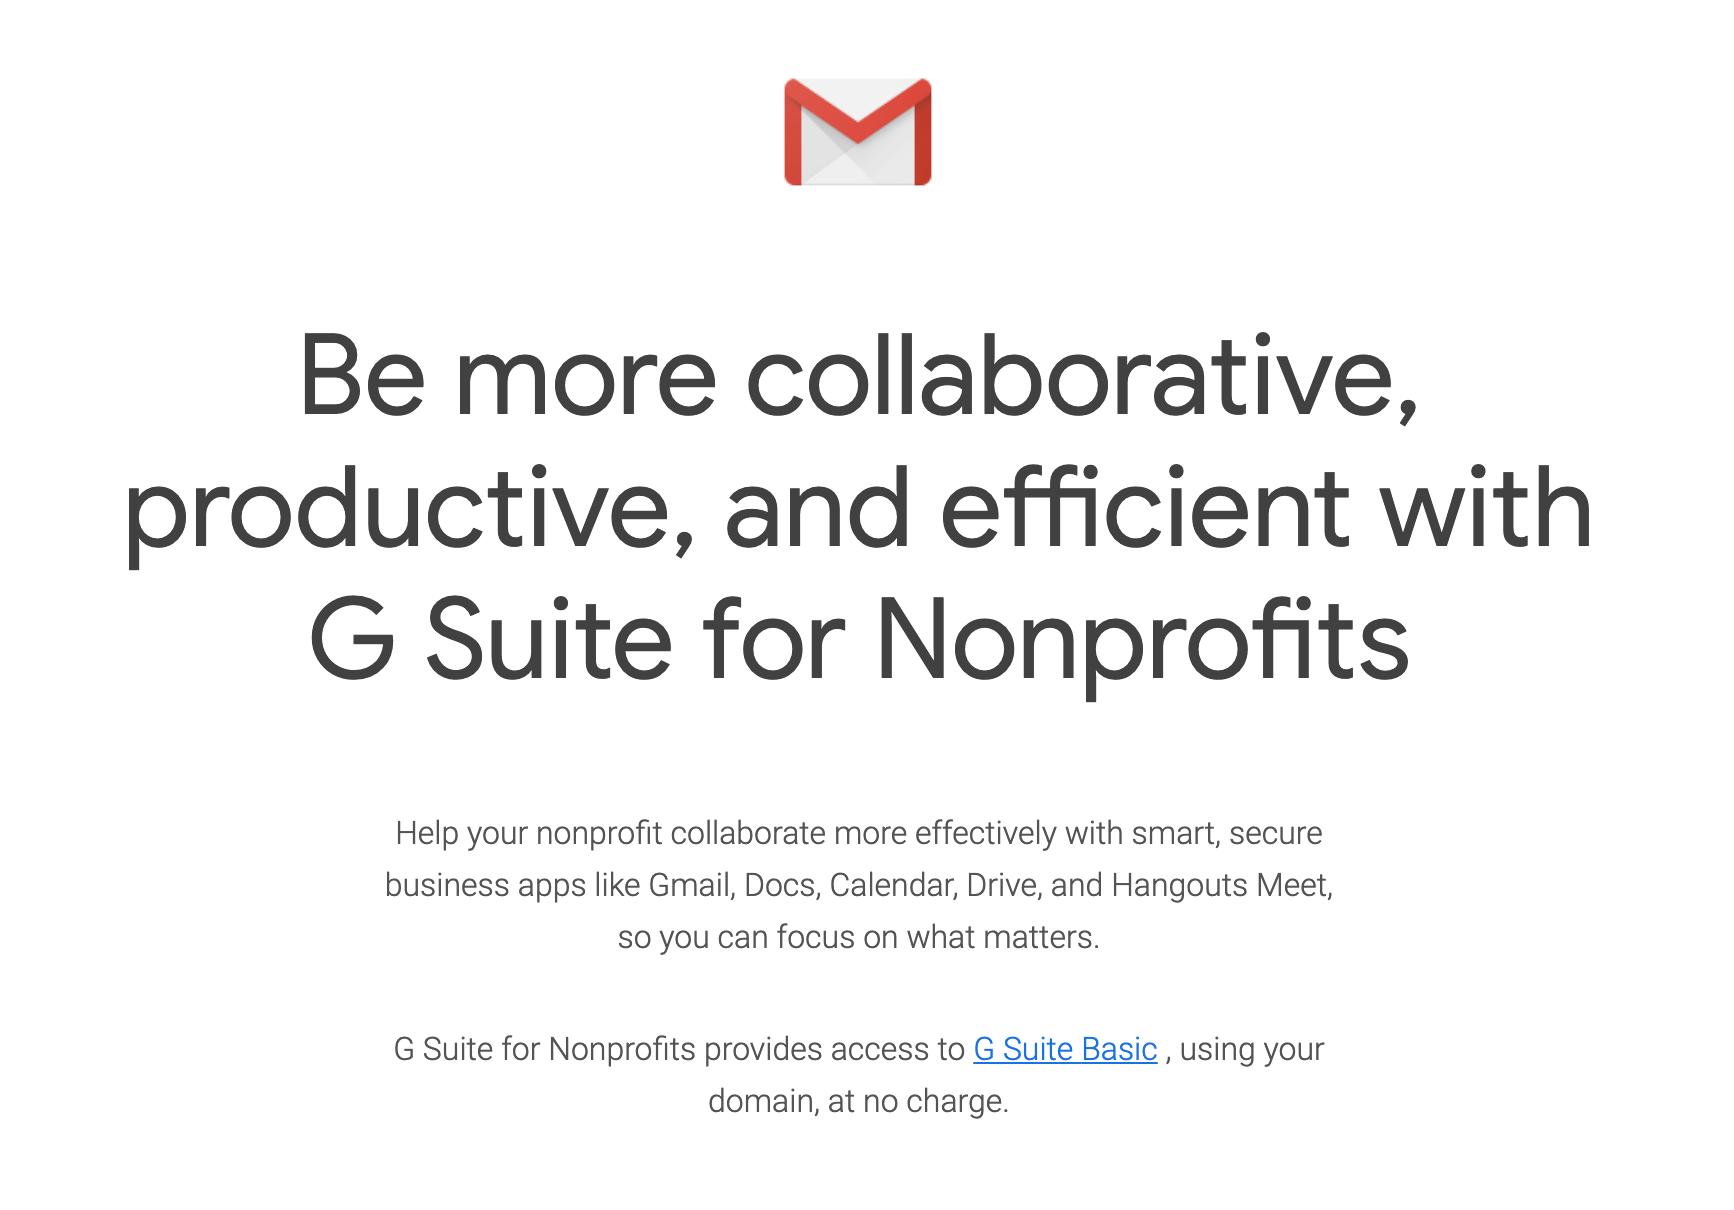 G Suite for Nonprofits